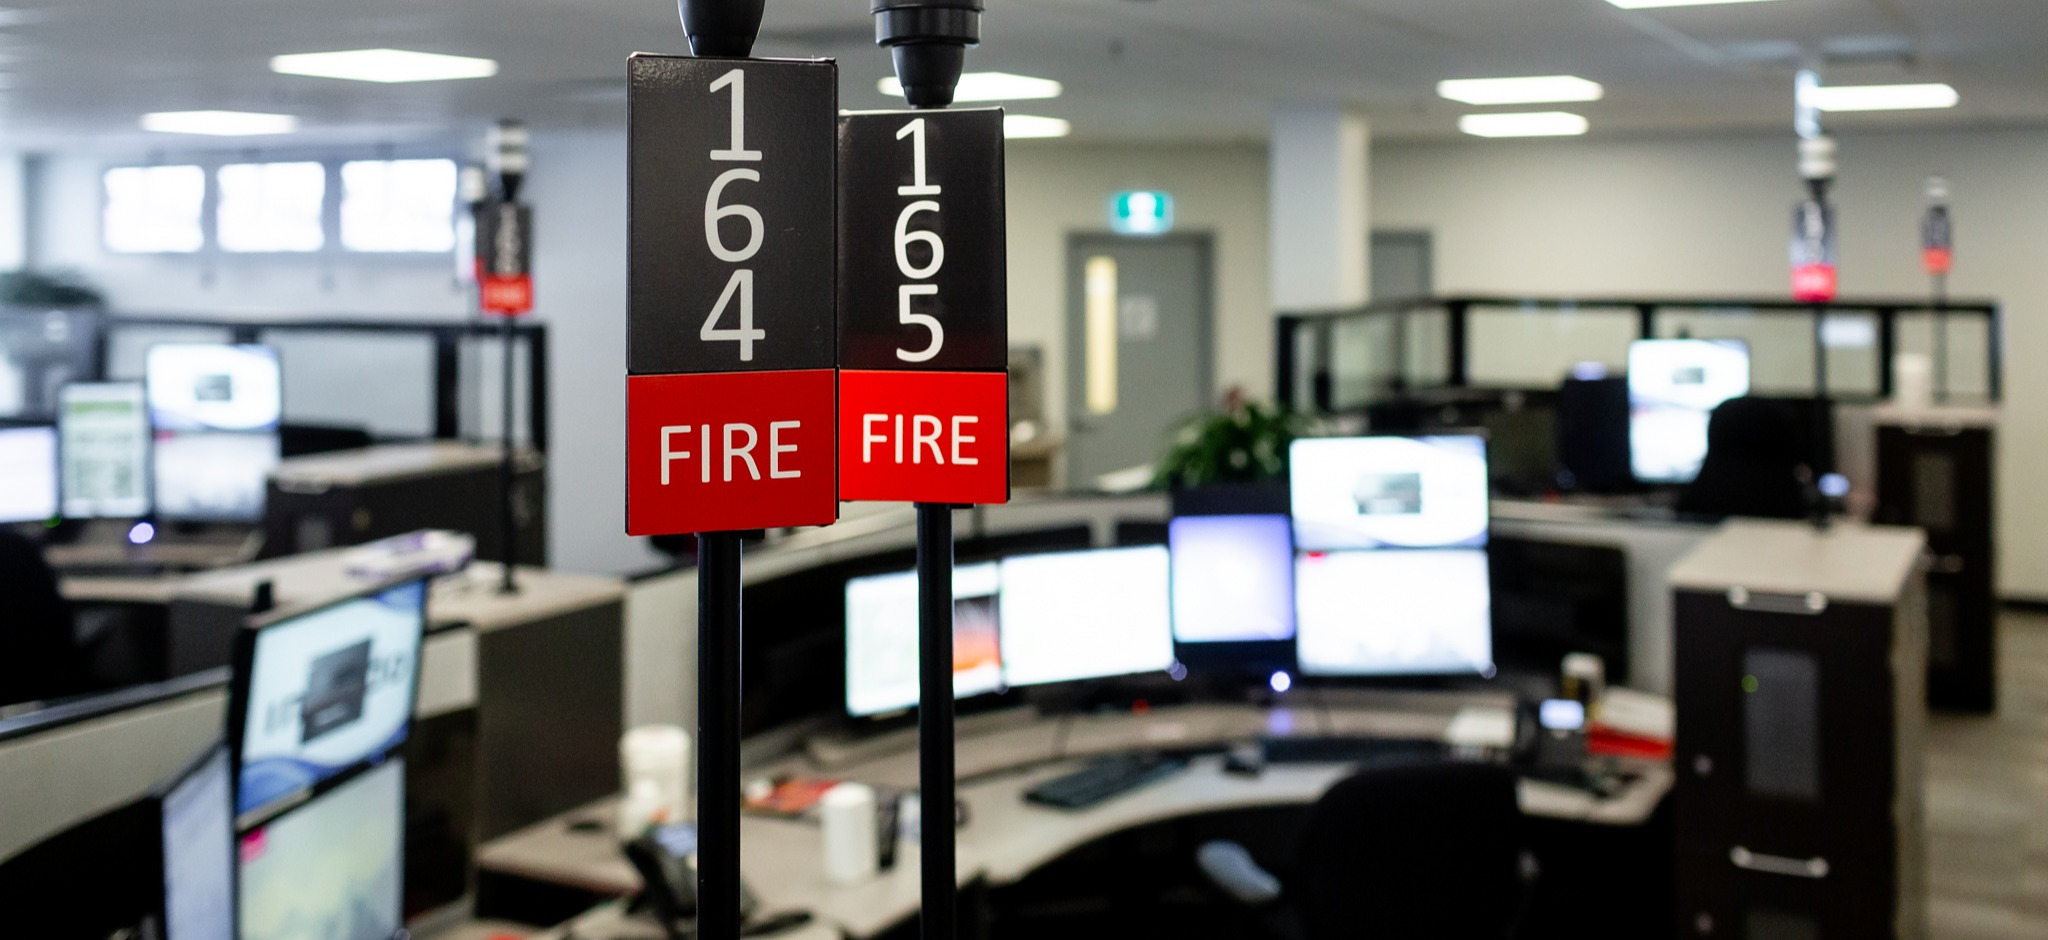 City of Calgary 911 - Xybix Install